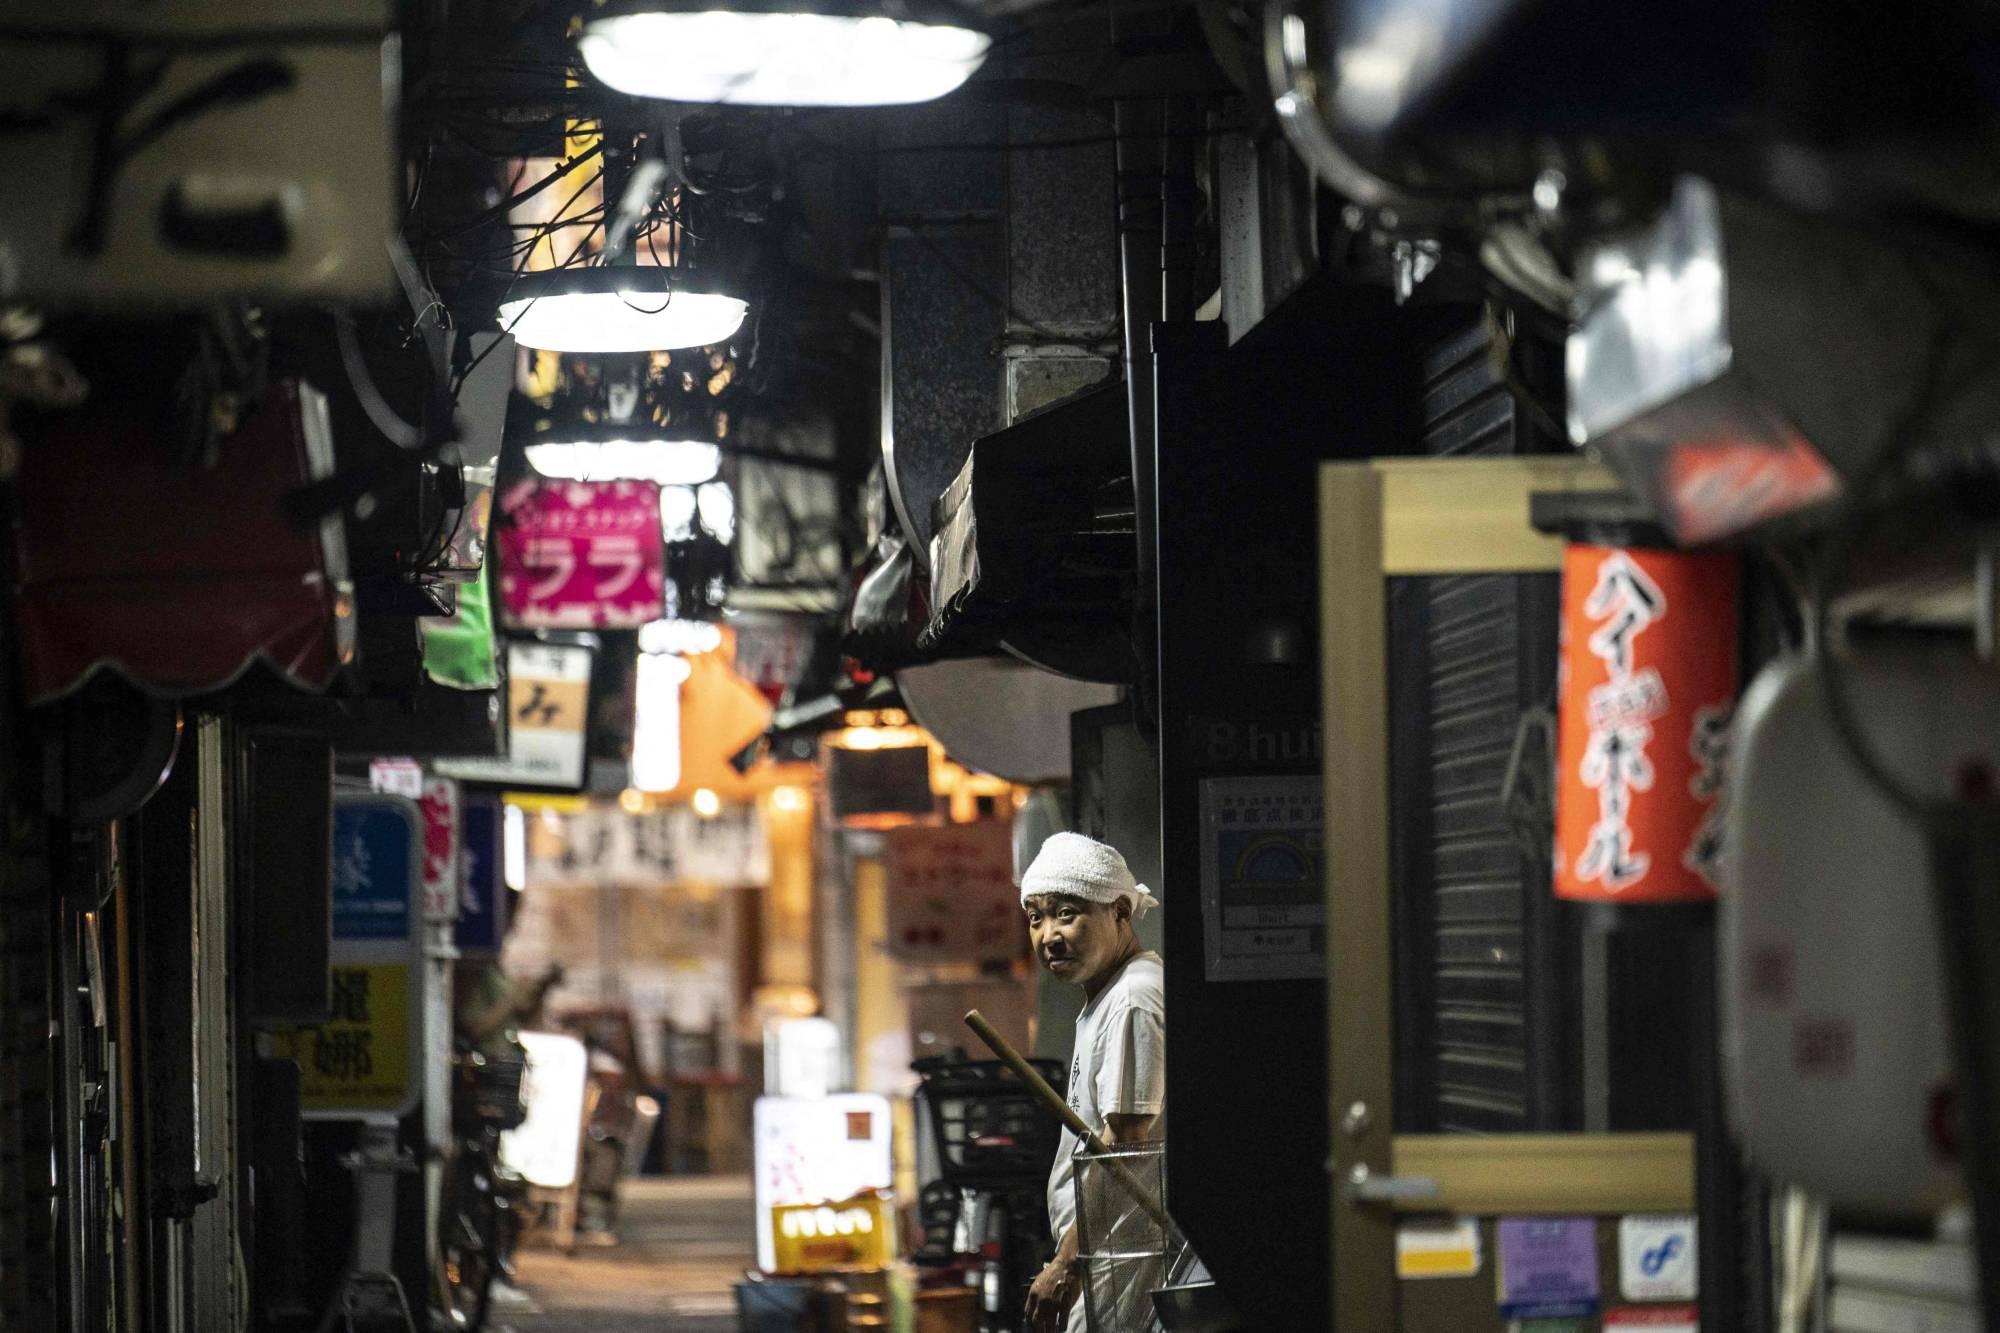 Tình trạng khẩn cấp, được áp dụng cho Tokyo và 18 quận, dự kiến sẽ kết thúc vào cuối tháng 9